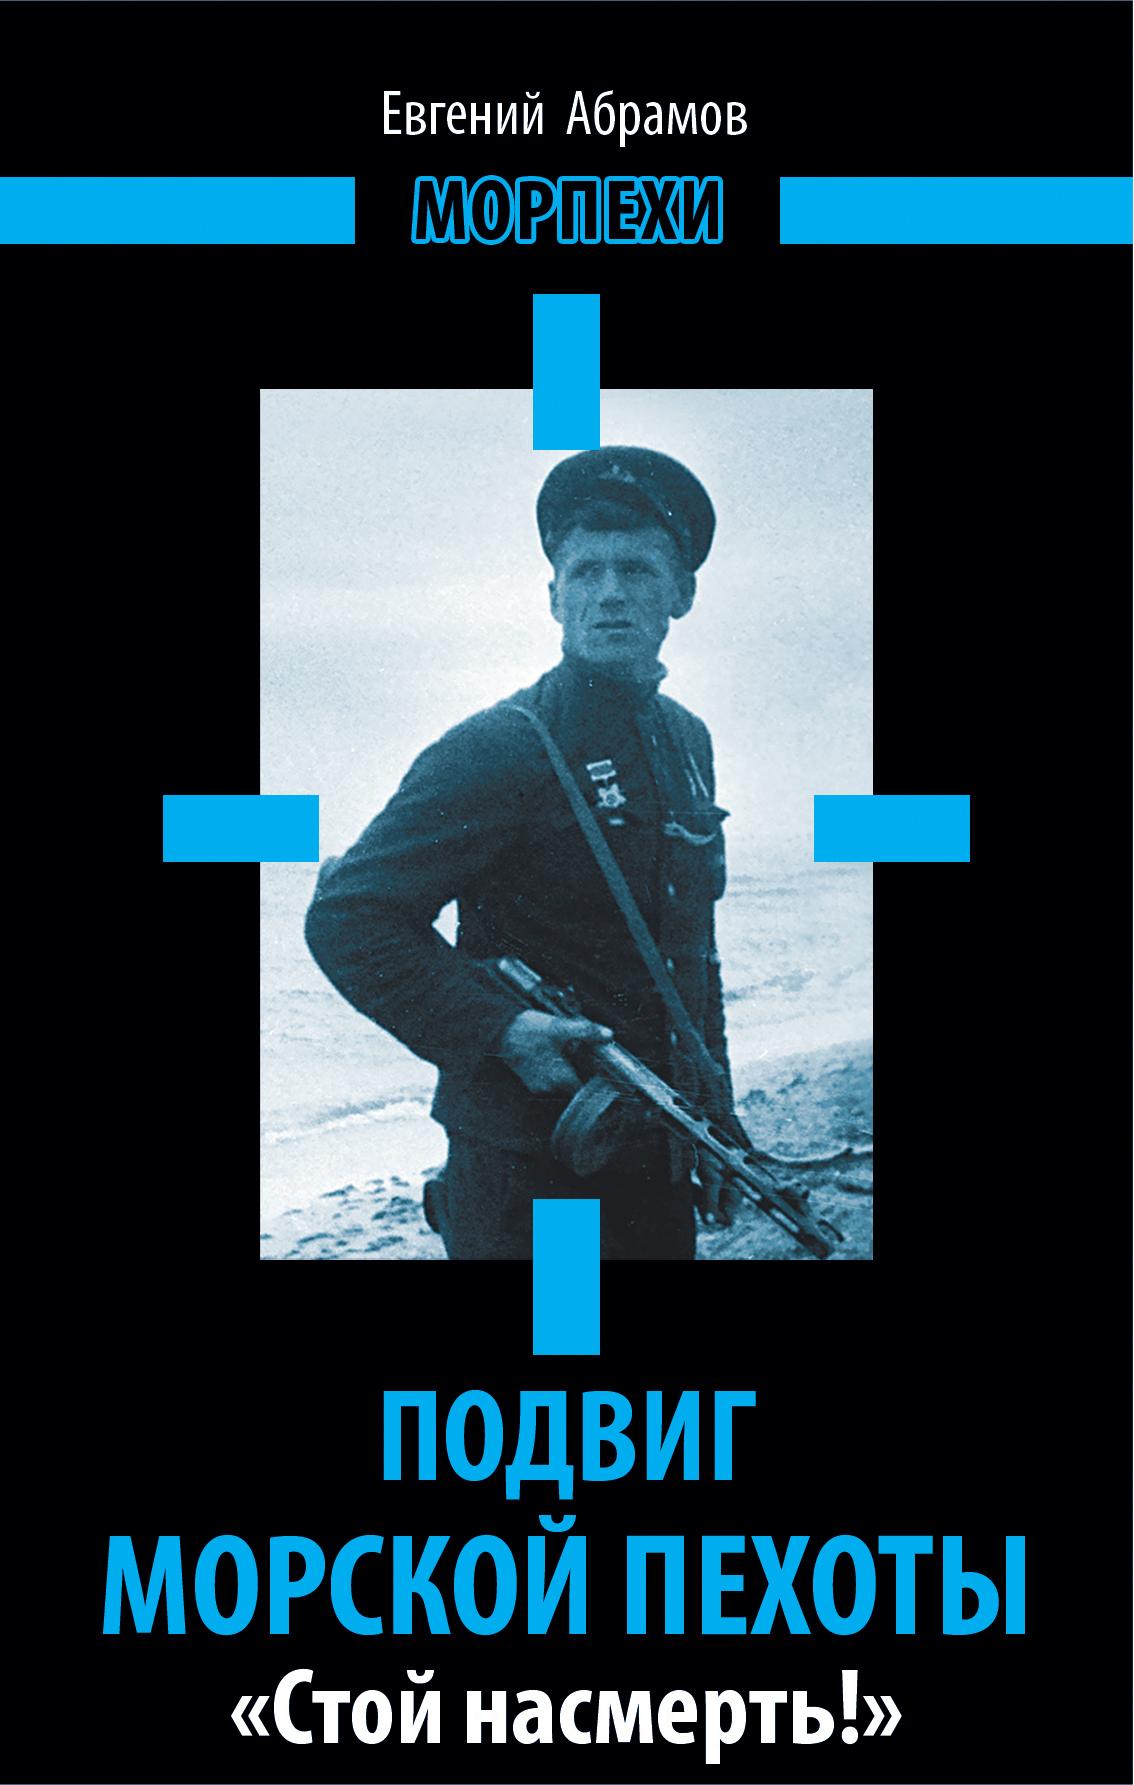 Евгений Абрамов Подвиг морской пехоты. «Стой насмерть!» климова а ред я дрался в морской пехоте черная смерть в бою